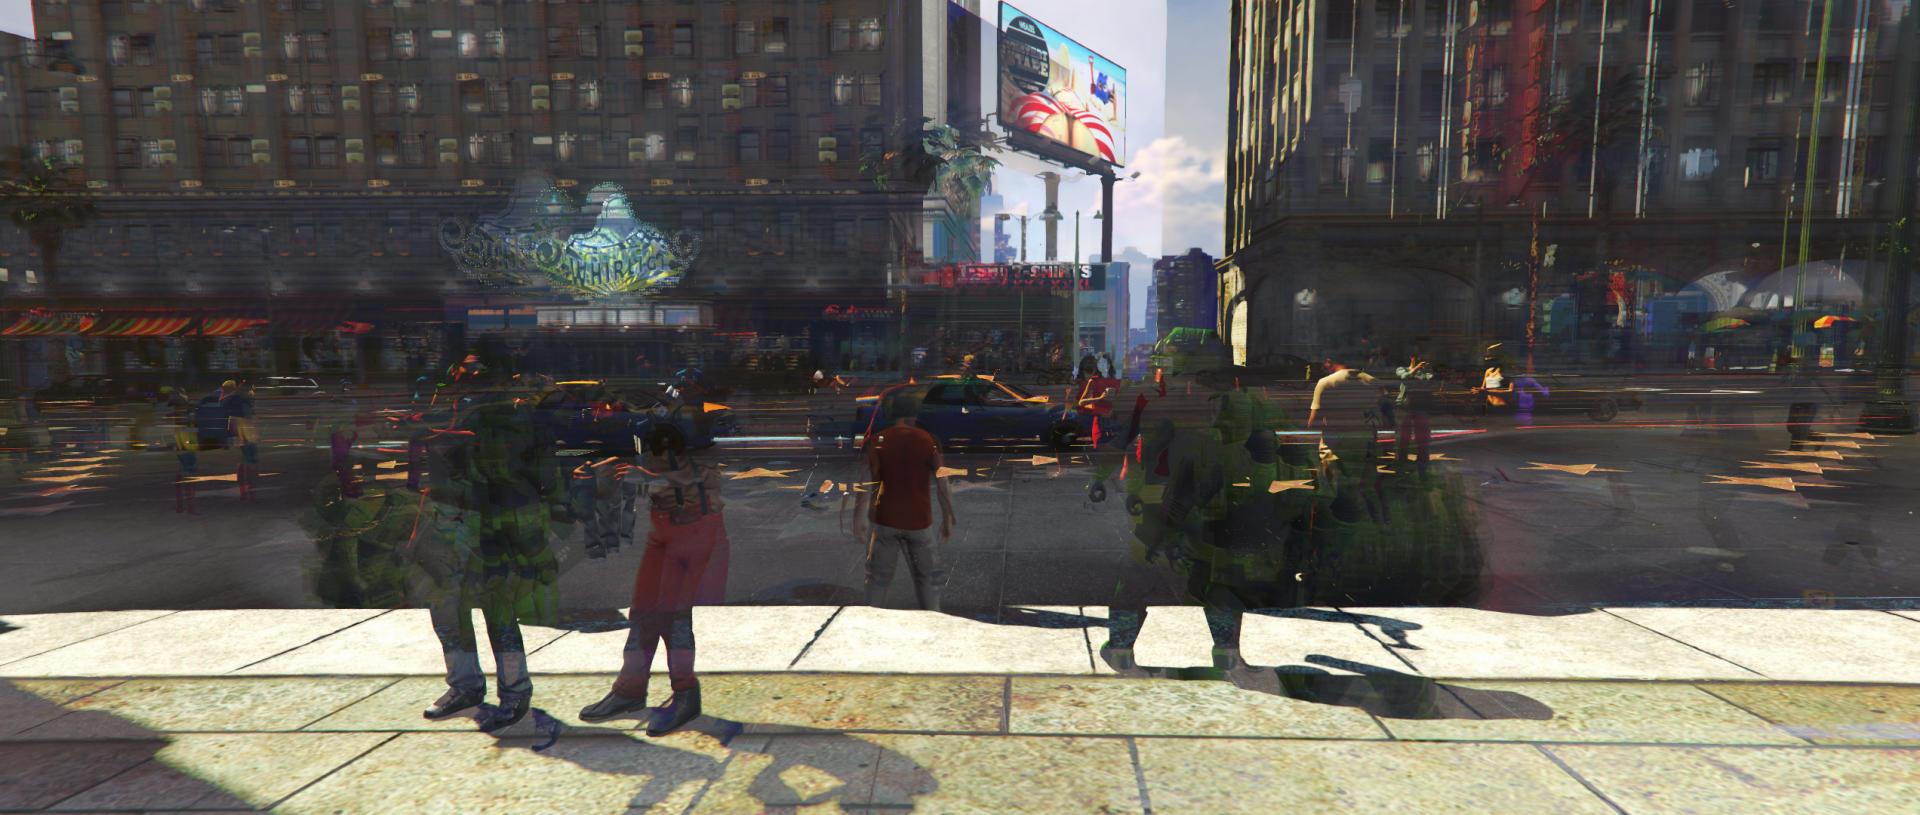 La série« Indifferent Universe» a été réalisé par Pia Zdila dans le cadre des cours de Sebastian Möring à l'université de Postdam. En superposant plusieurs images de la même scène du jeu vidéo GTA V, ce travailreflète le passage du temps dans ce jeu en monde ouvert.